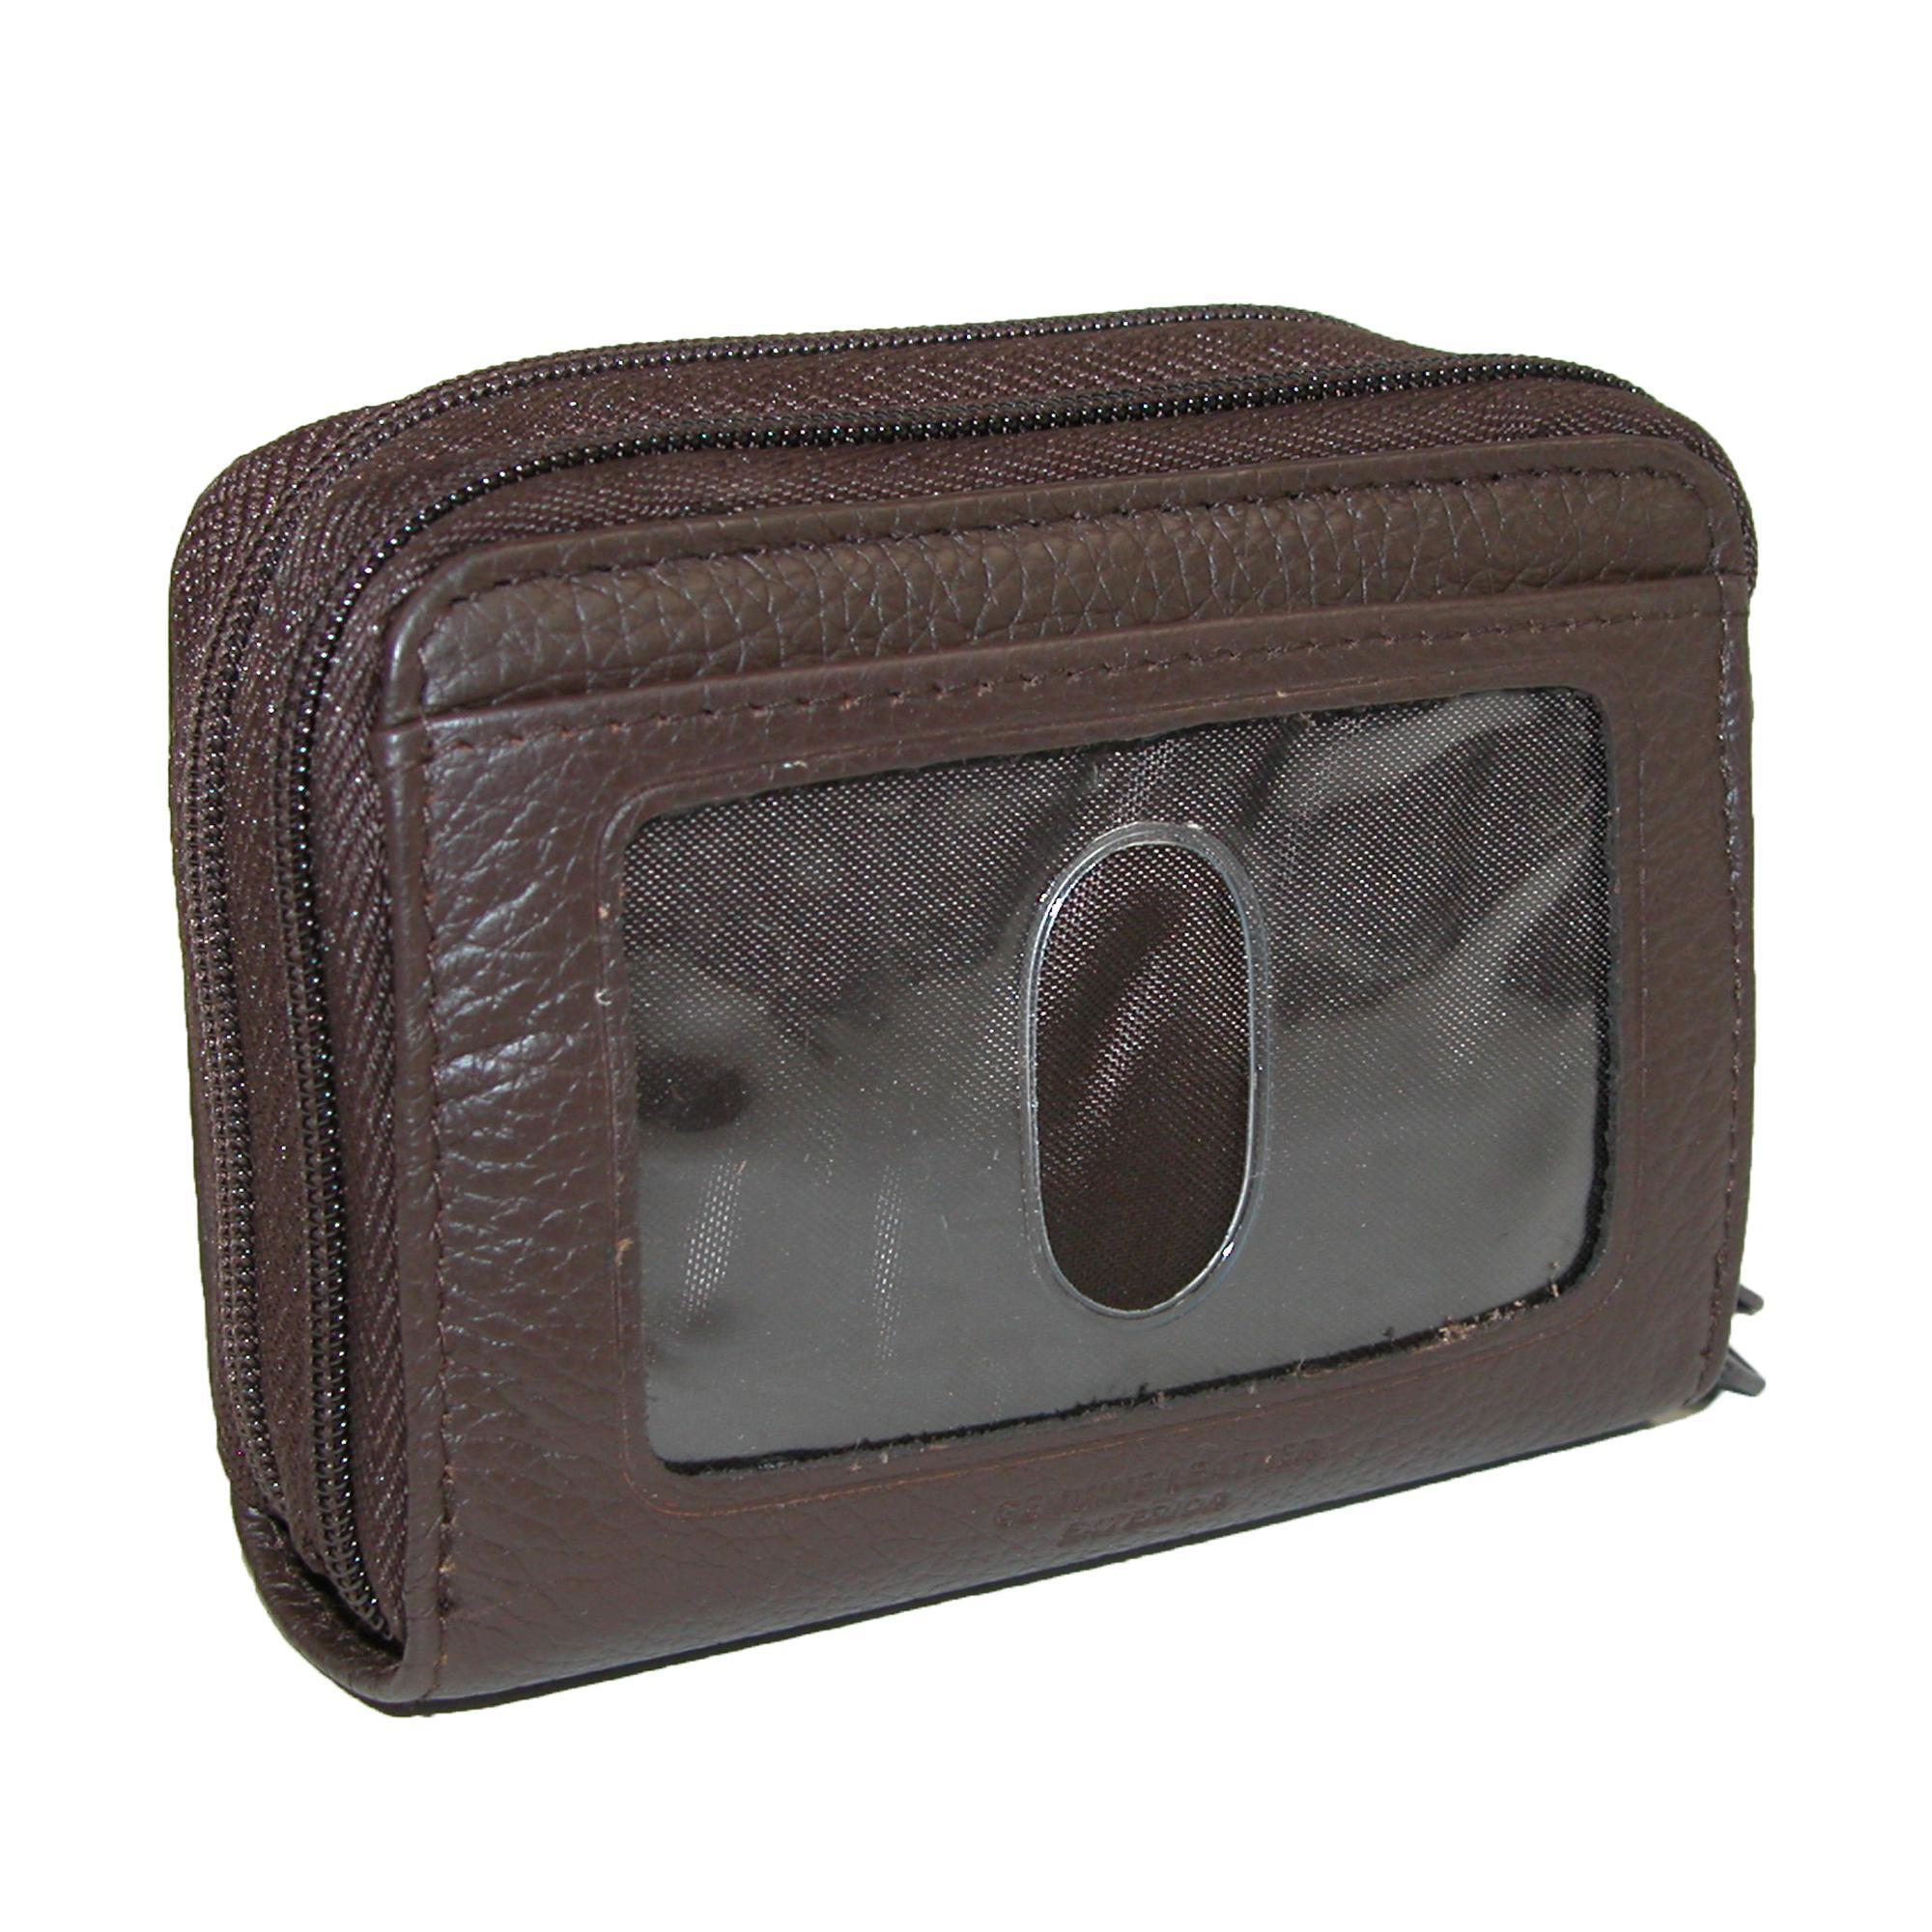 New-Buxton-Women-039-s-Leather-Mini-Accordion-Wizard-Wallet thumbnail 7